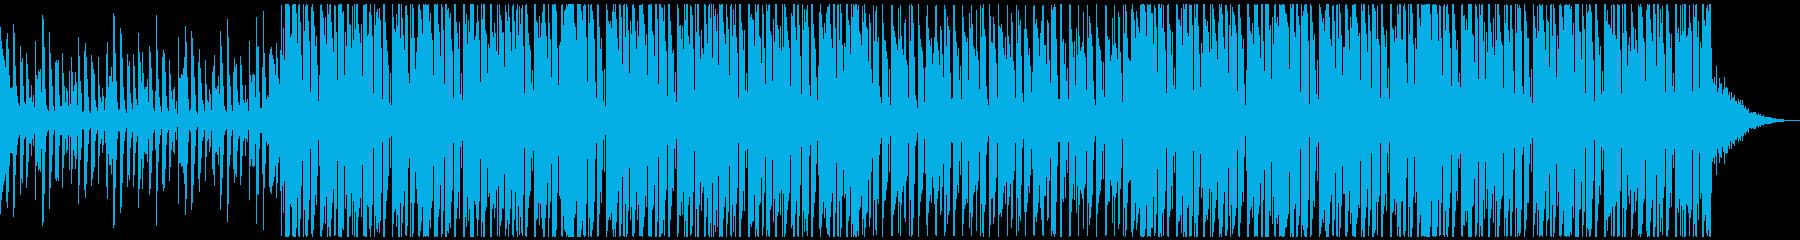 クールなハウス ニュース番組系の再生済みの波形